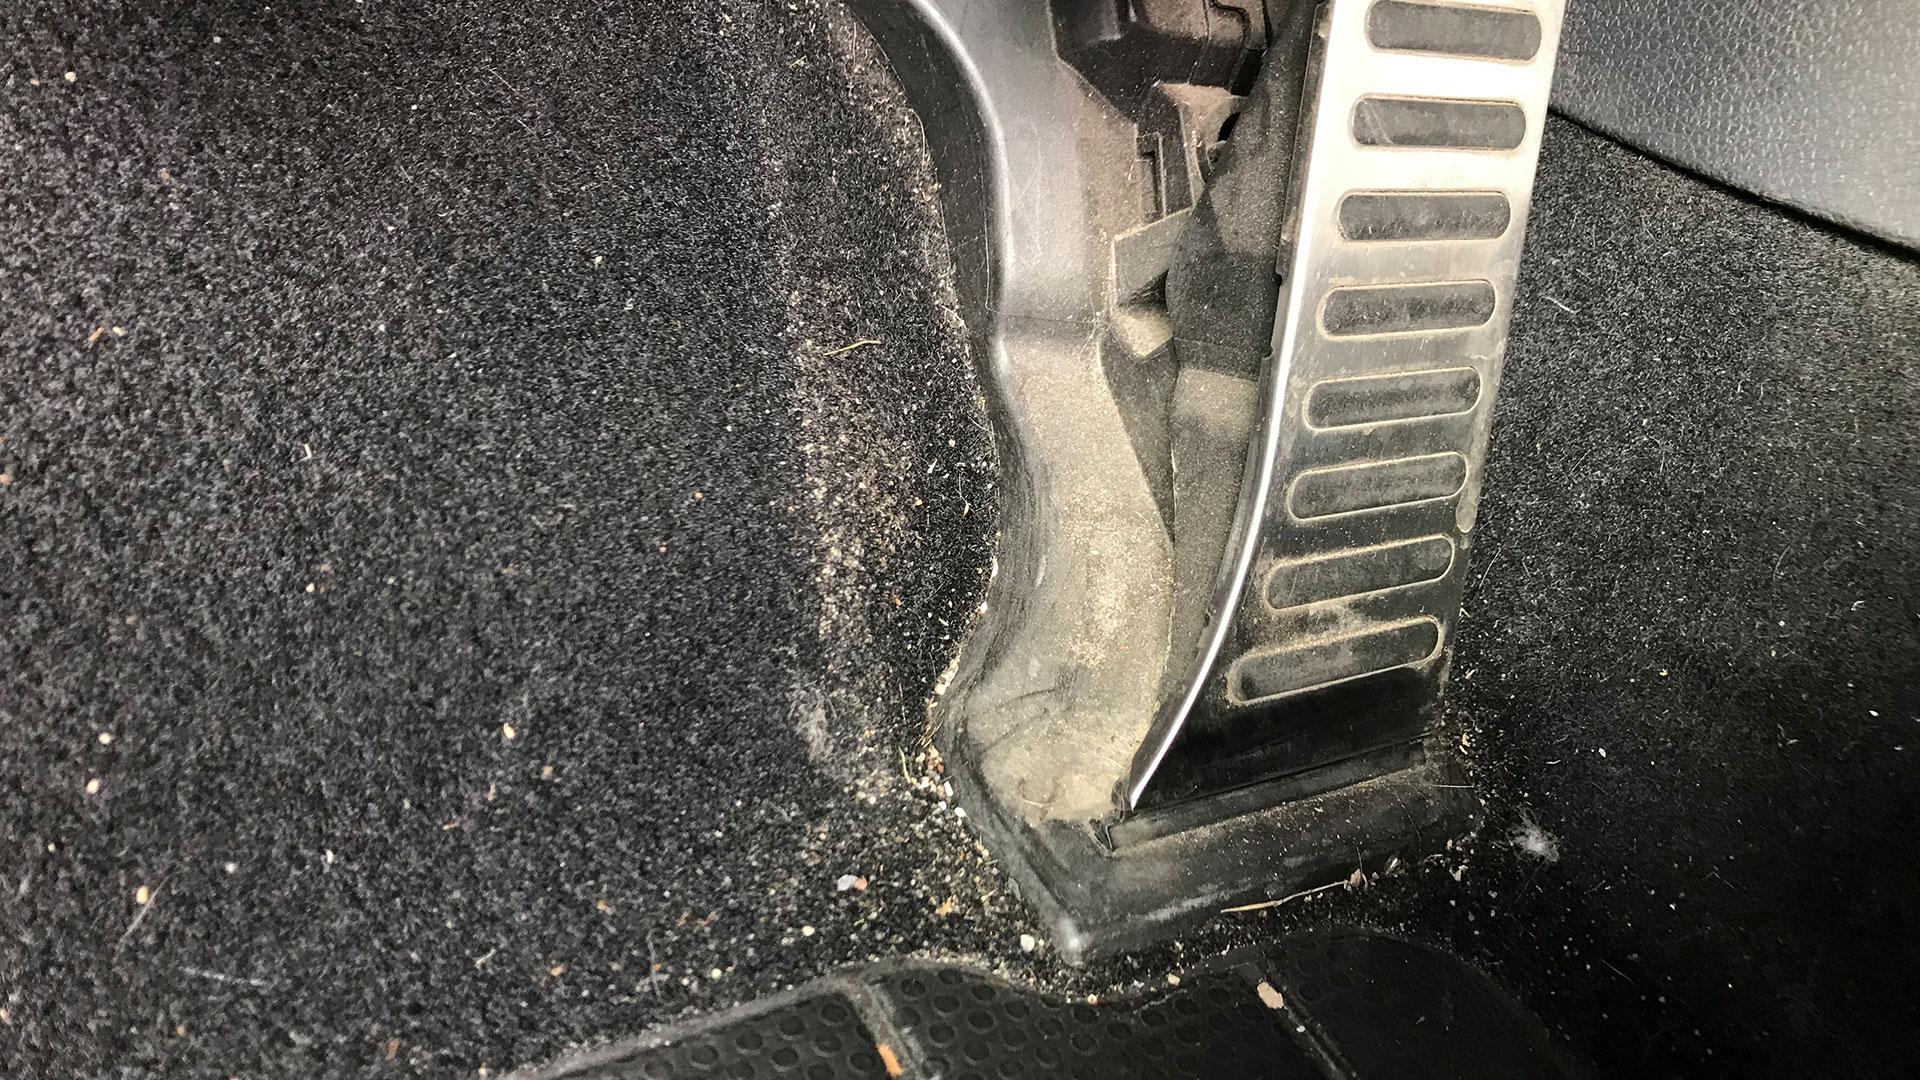 Makkelijk kruimels en zand uit autotapijt krijgen